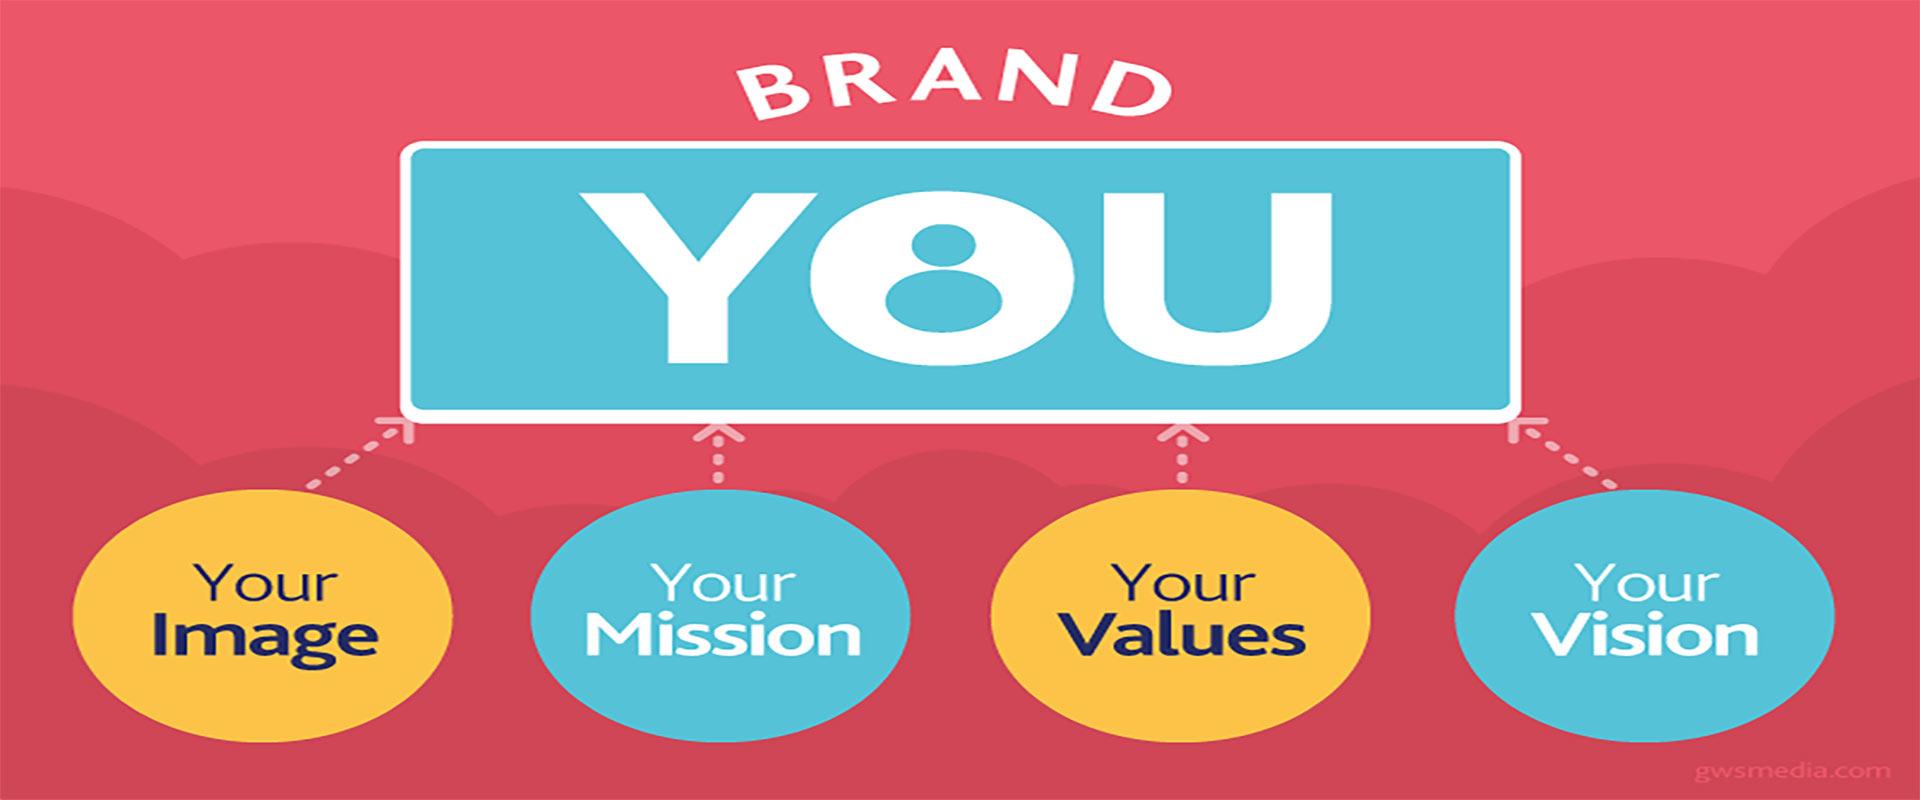 Guide for Social Media Branding for Small Businesses